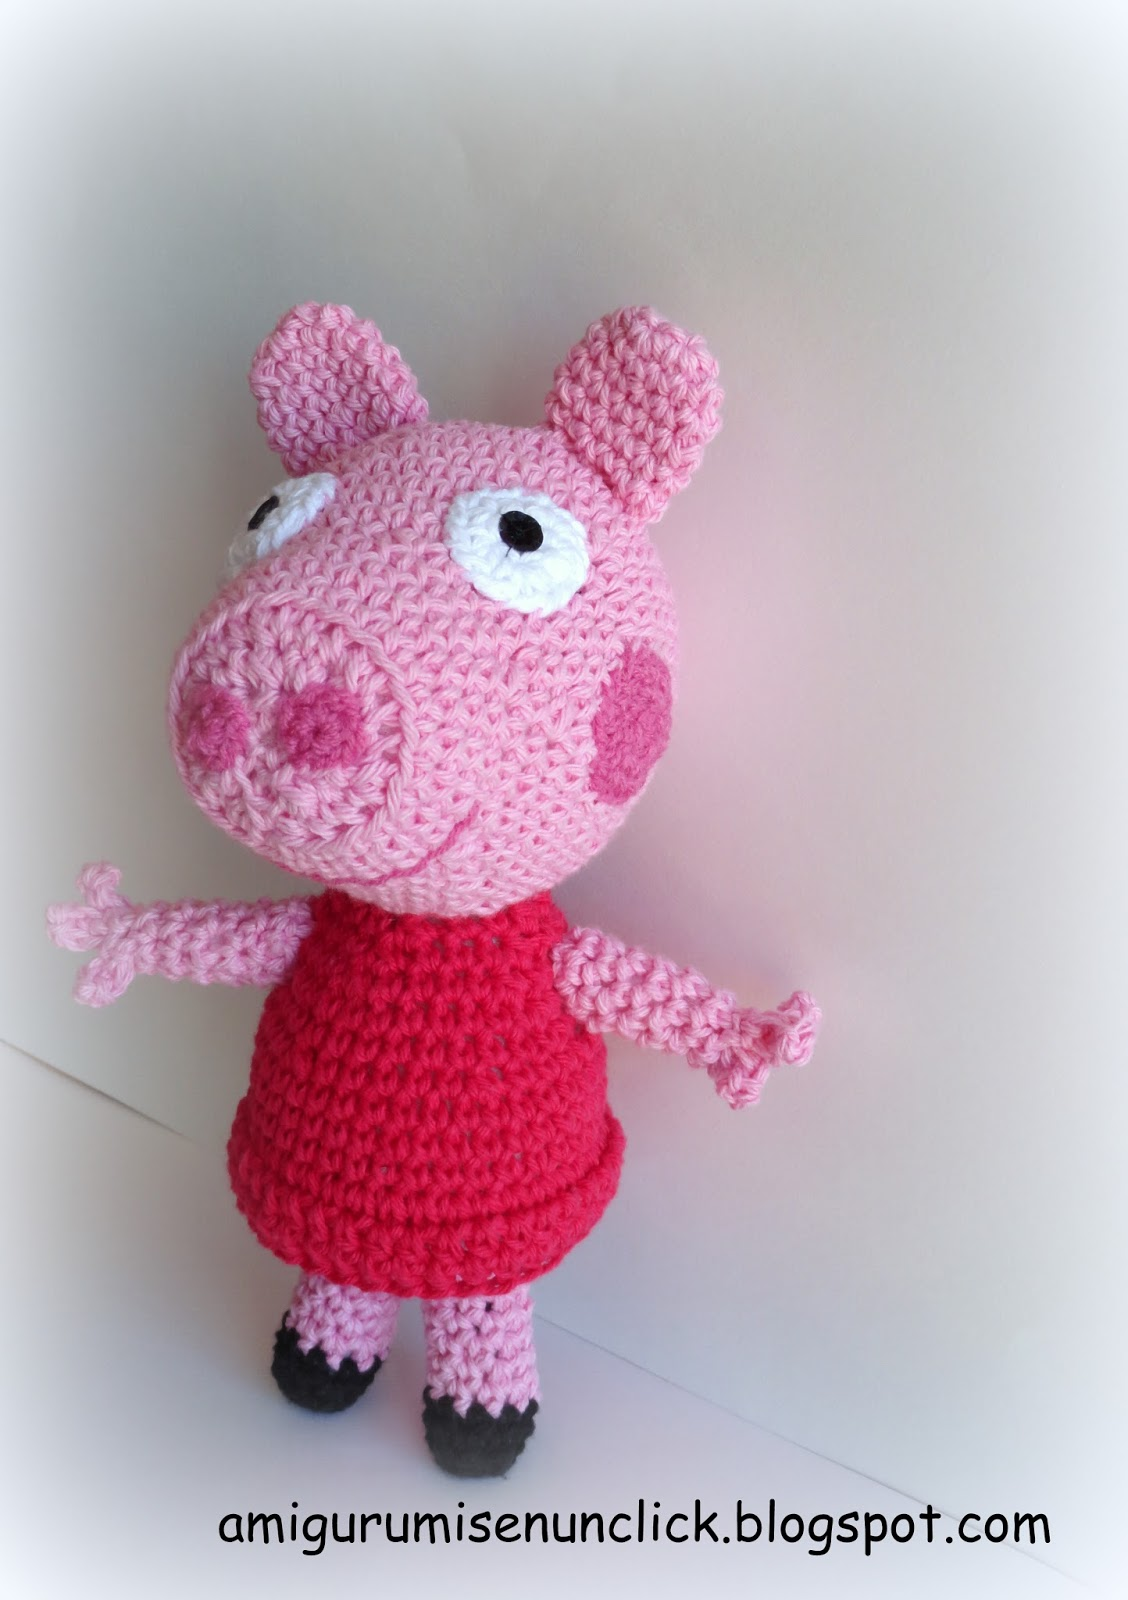 Patron Amigurumi Peppa Pig Grande : Amigurumis en un Click: PEPPA PIG